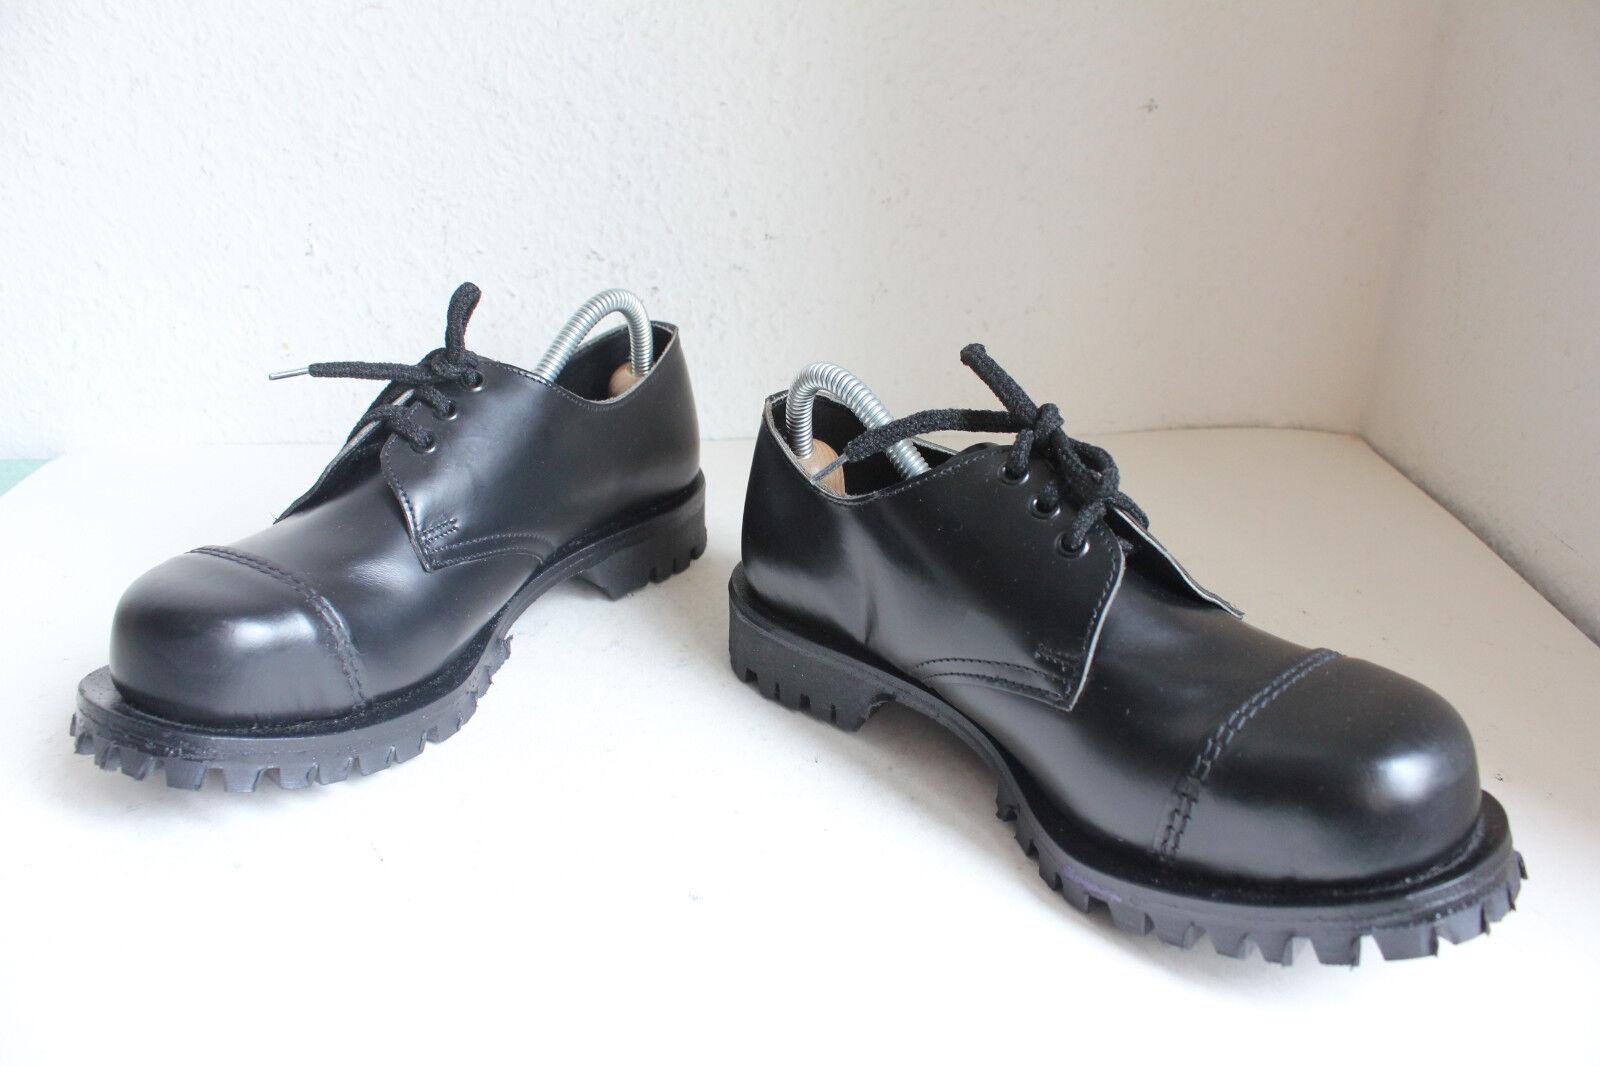 Vintage Vintage Vintage Getta Grip Safety Schuhe Echtleder Schwarz Eu:39-Uk:6 made in England 6532d0